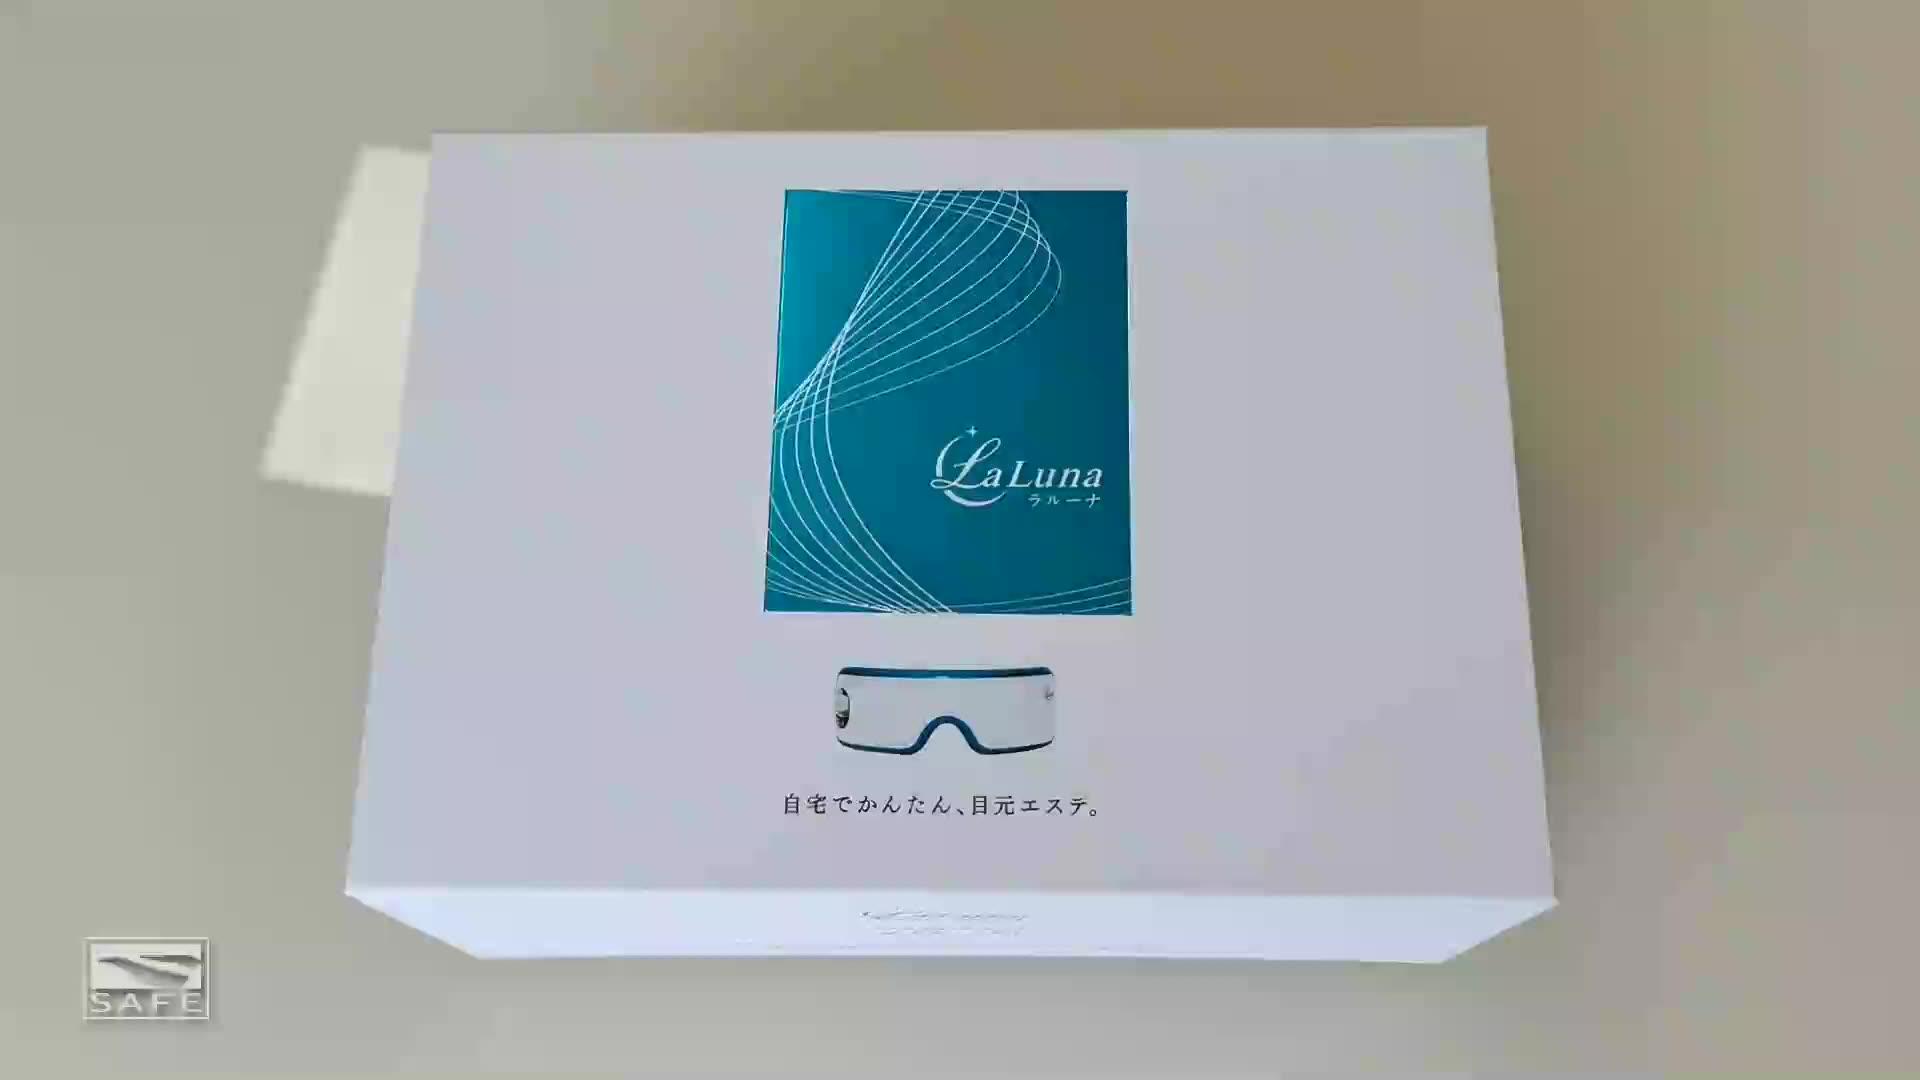 مخصص صندوق ورقي ملون كرتون أبيض المغناطيسي رفرف إغلاق صناديق التعبئة والتغليف بالجملة علبة هدايا فاخرة